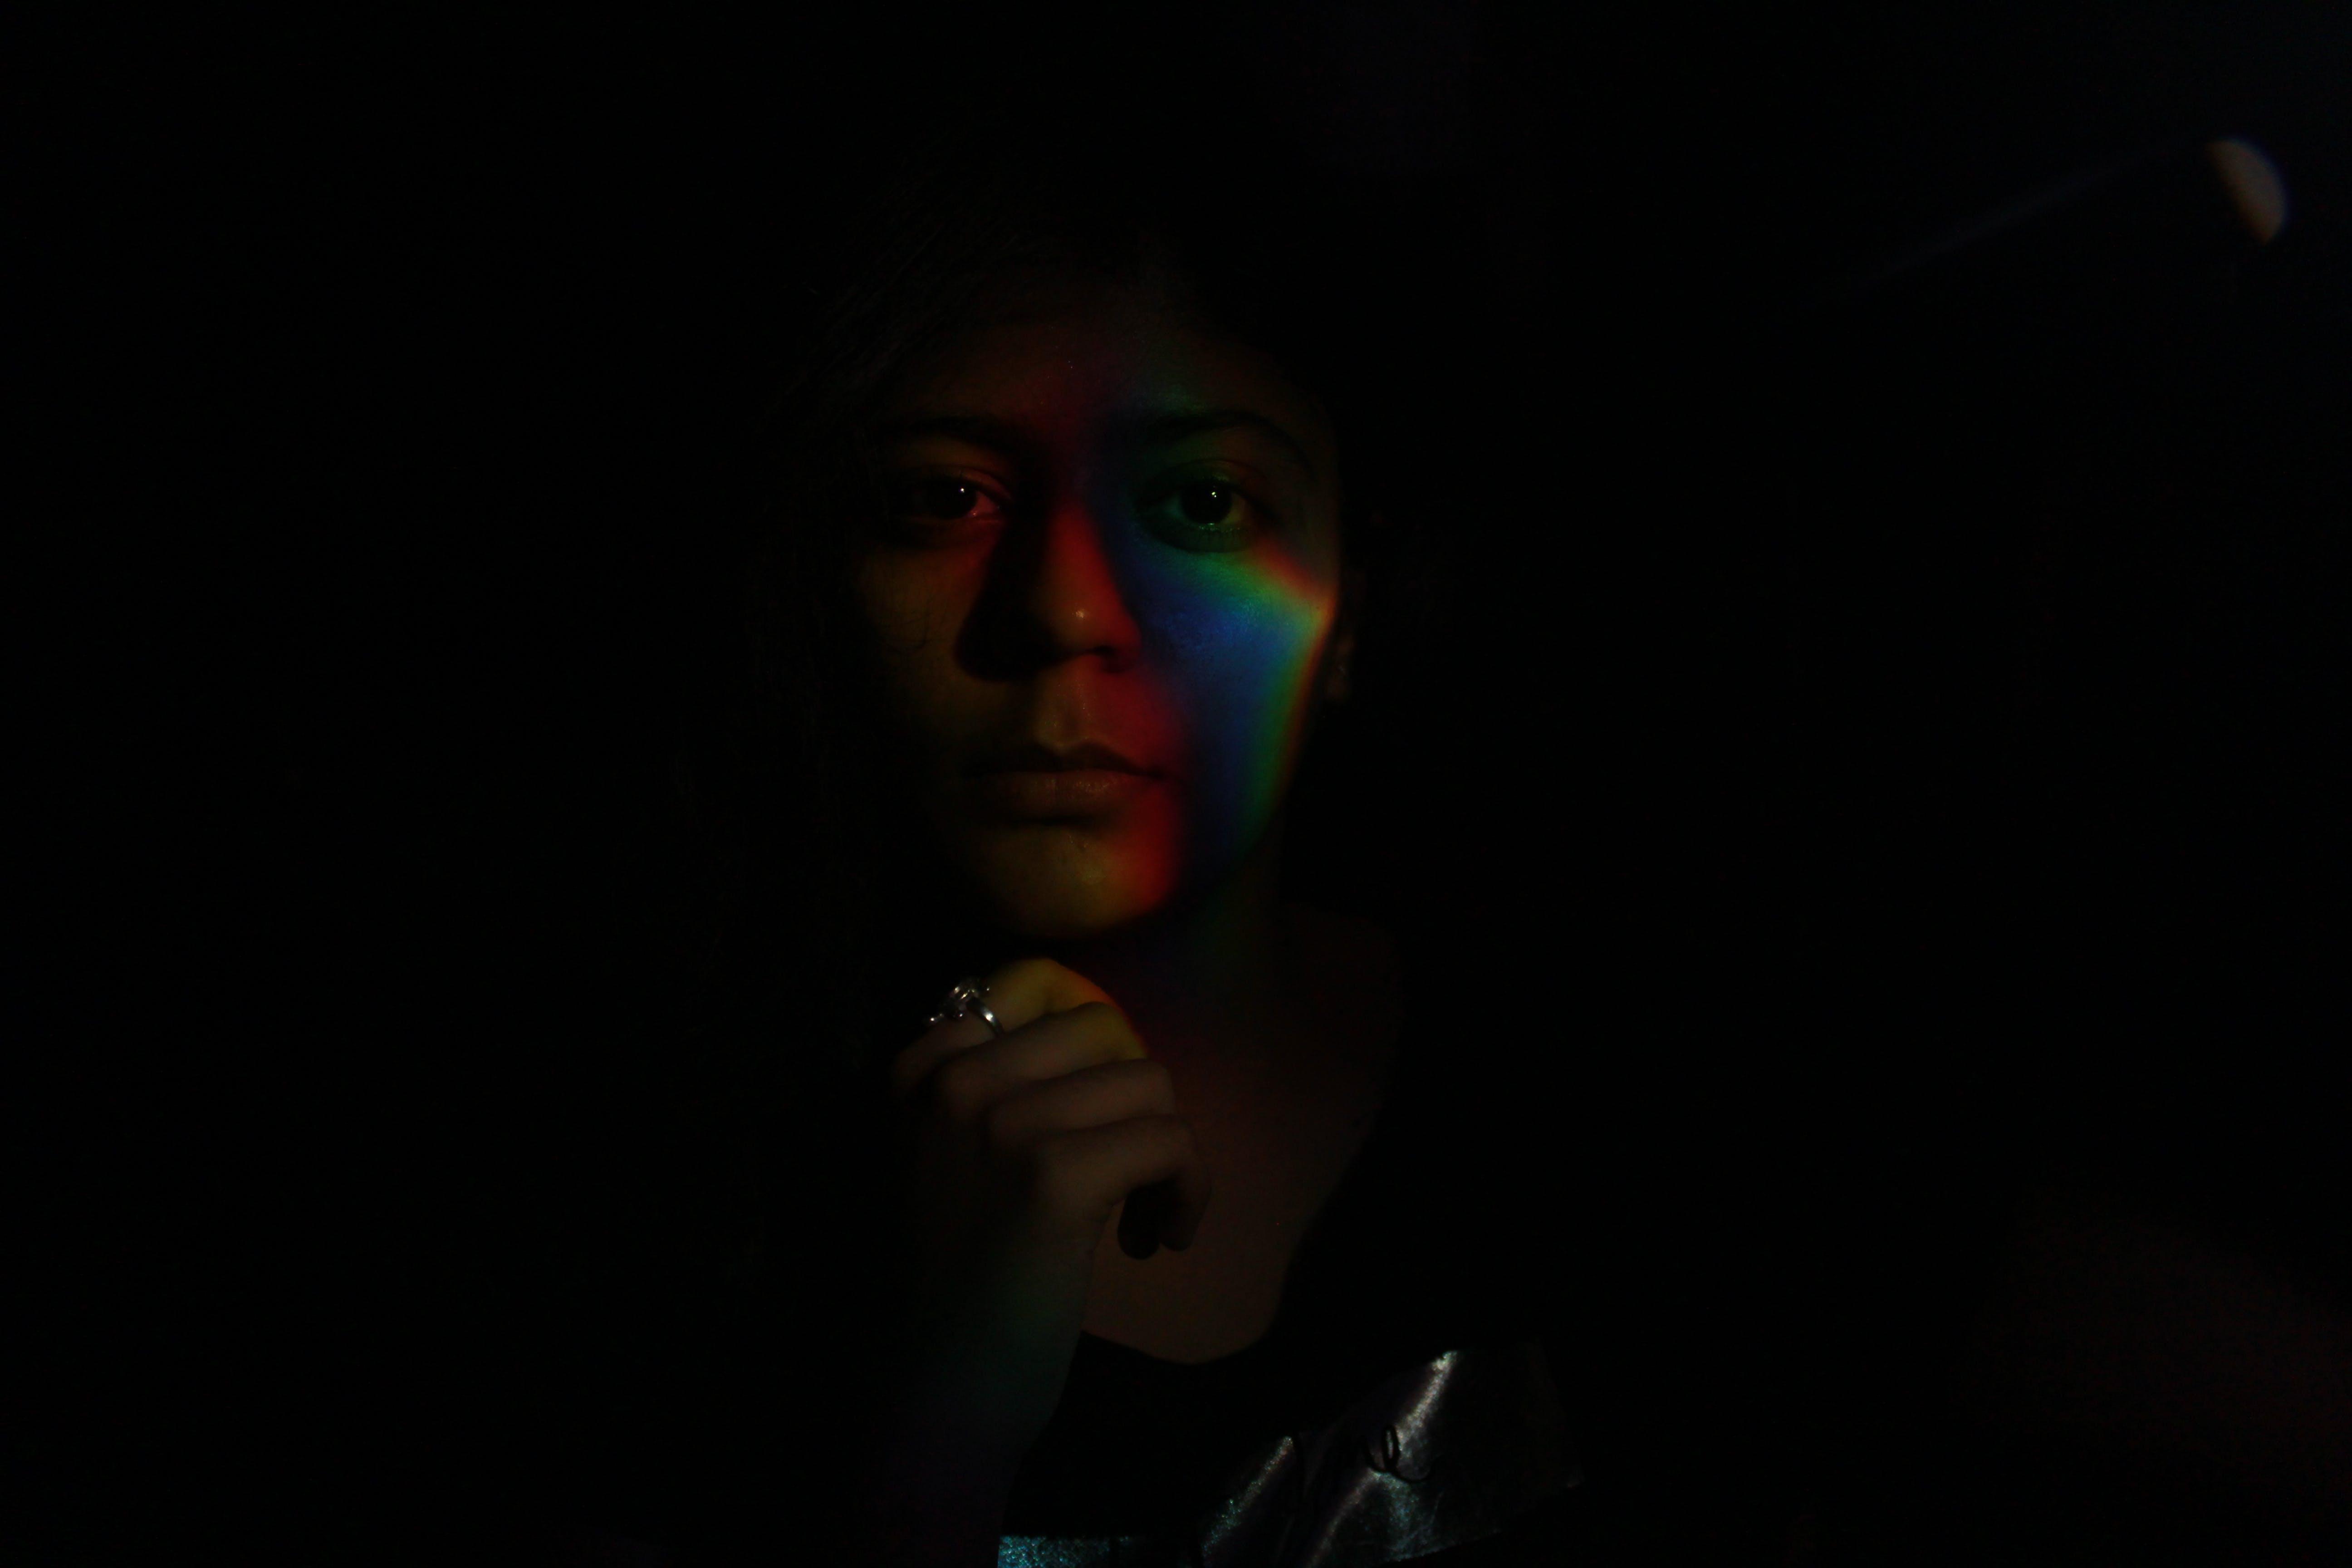 Gratis lagerfoto af regnbuens farver